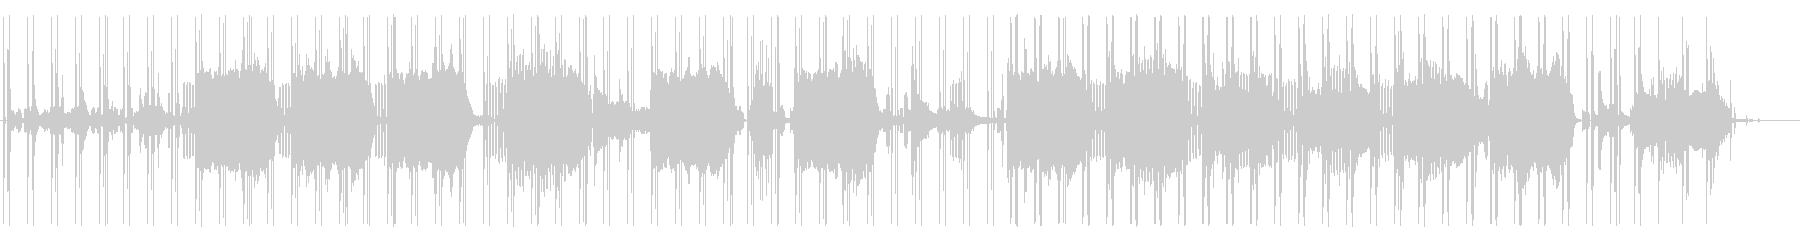 ピアノが印象的なアブストラクトビートの未再生の波形